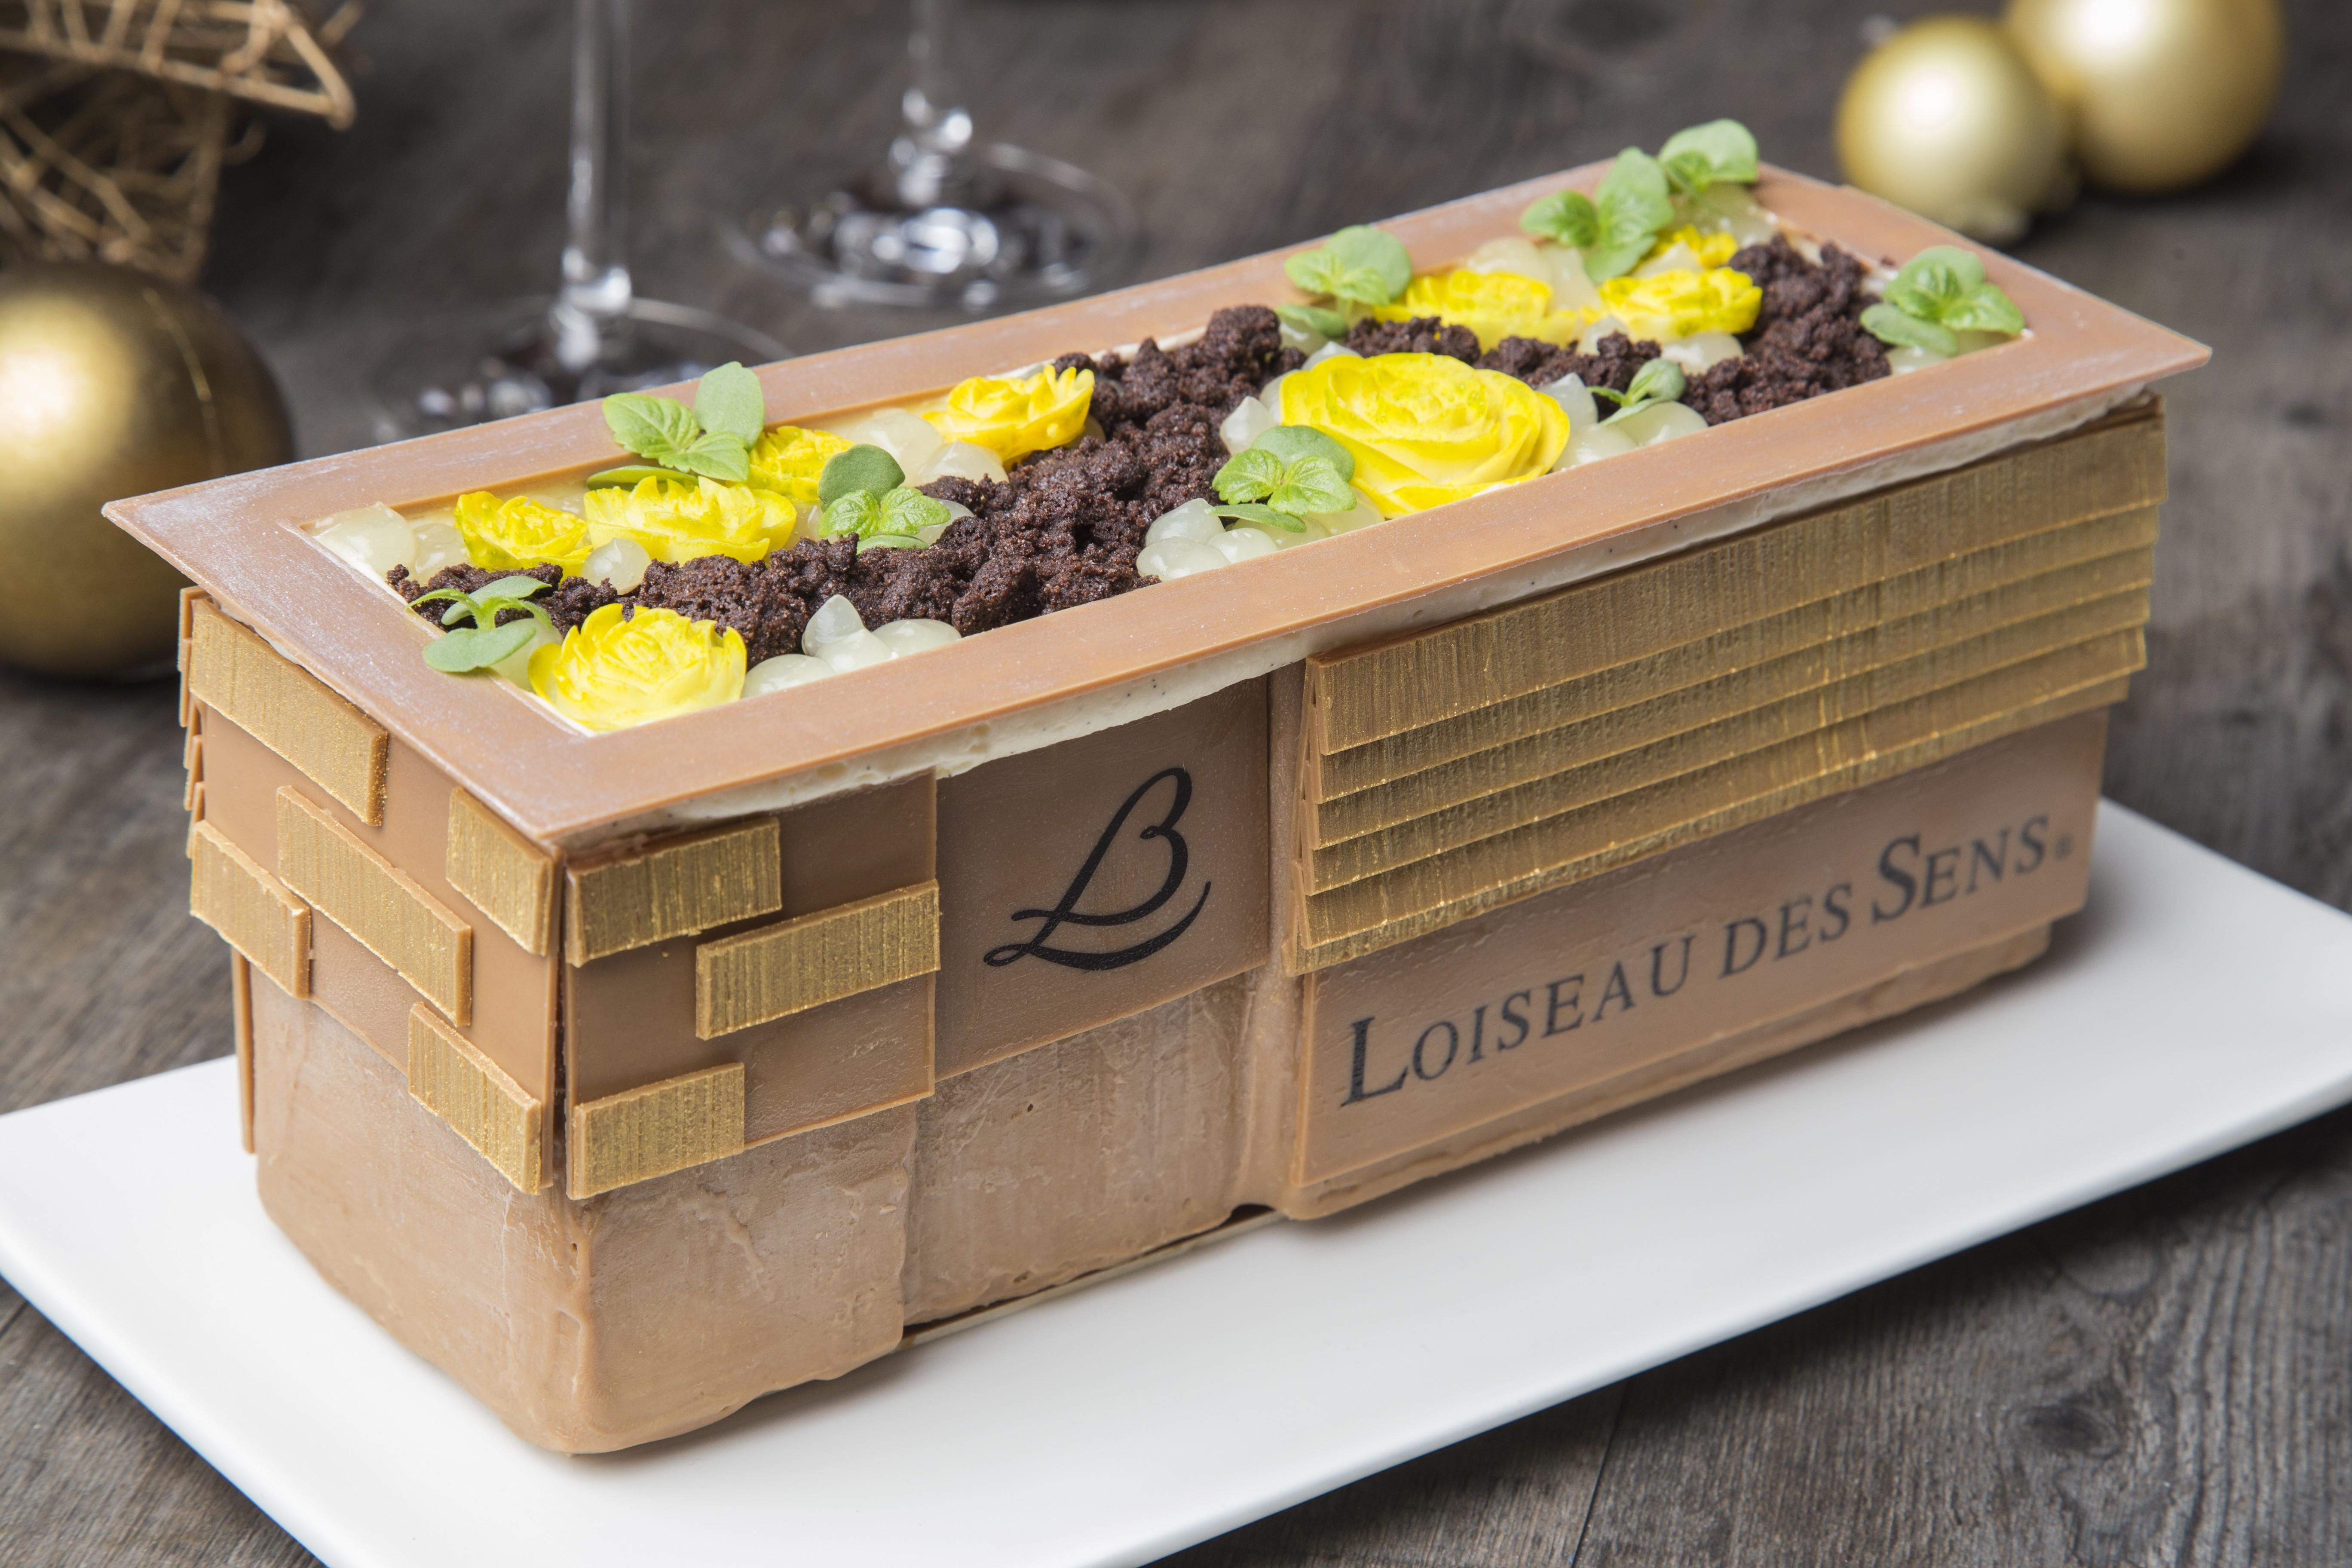 buche-de-noel-2017-loiseau-des-sens Unique De Nappe Pour Table Basse Schème